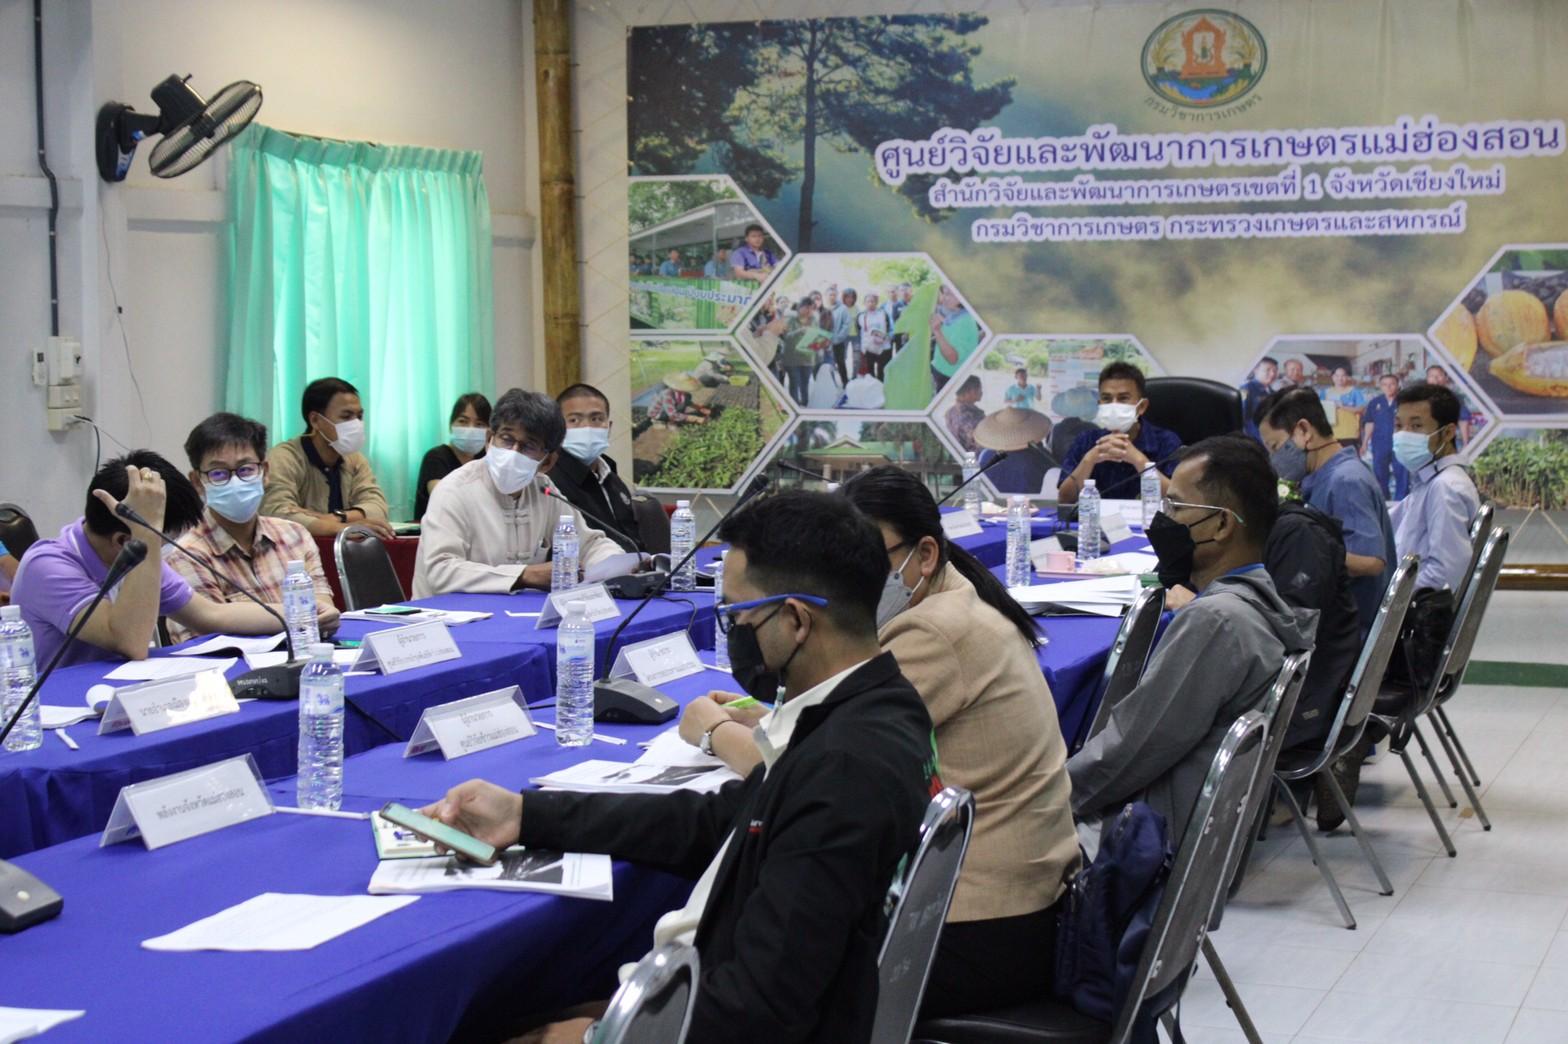 ประชุมร่างแผนแม่บทศูนย์บริการและพัฒนาลุ่มน้ำปายตามพระราชดำริ